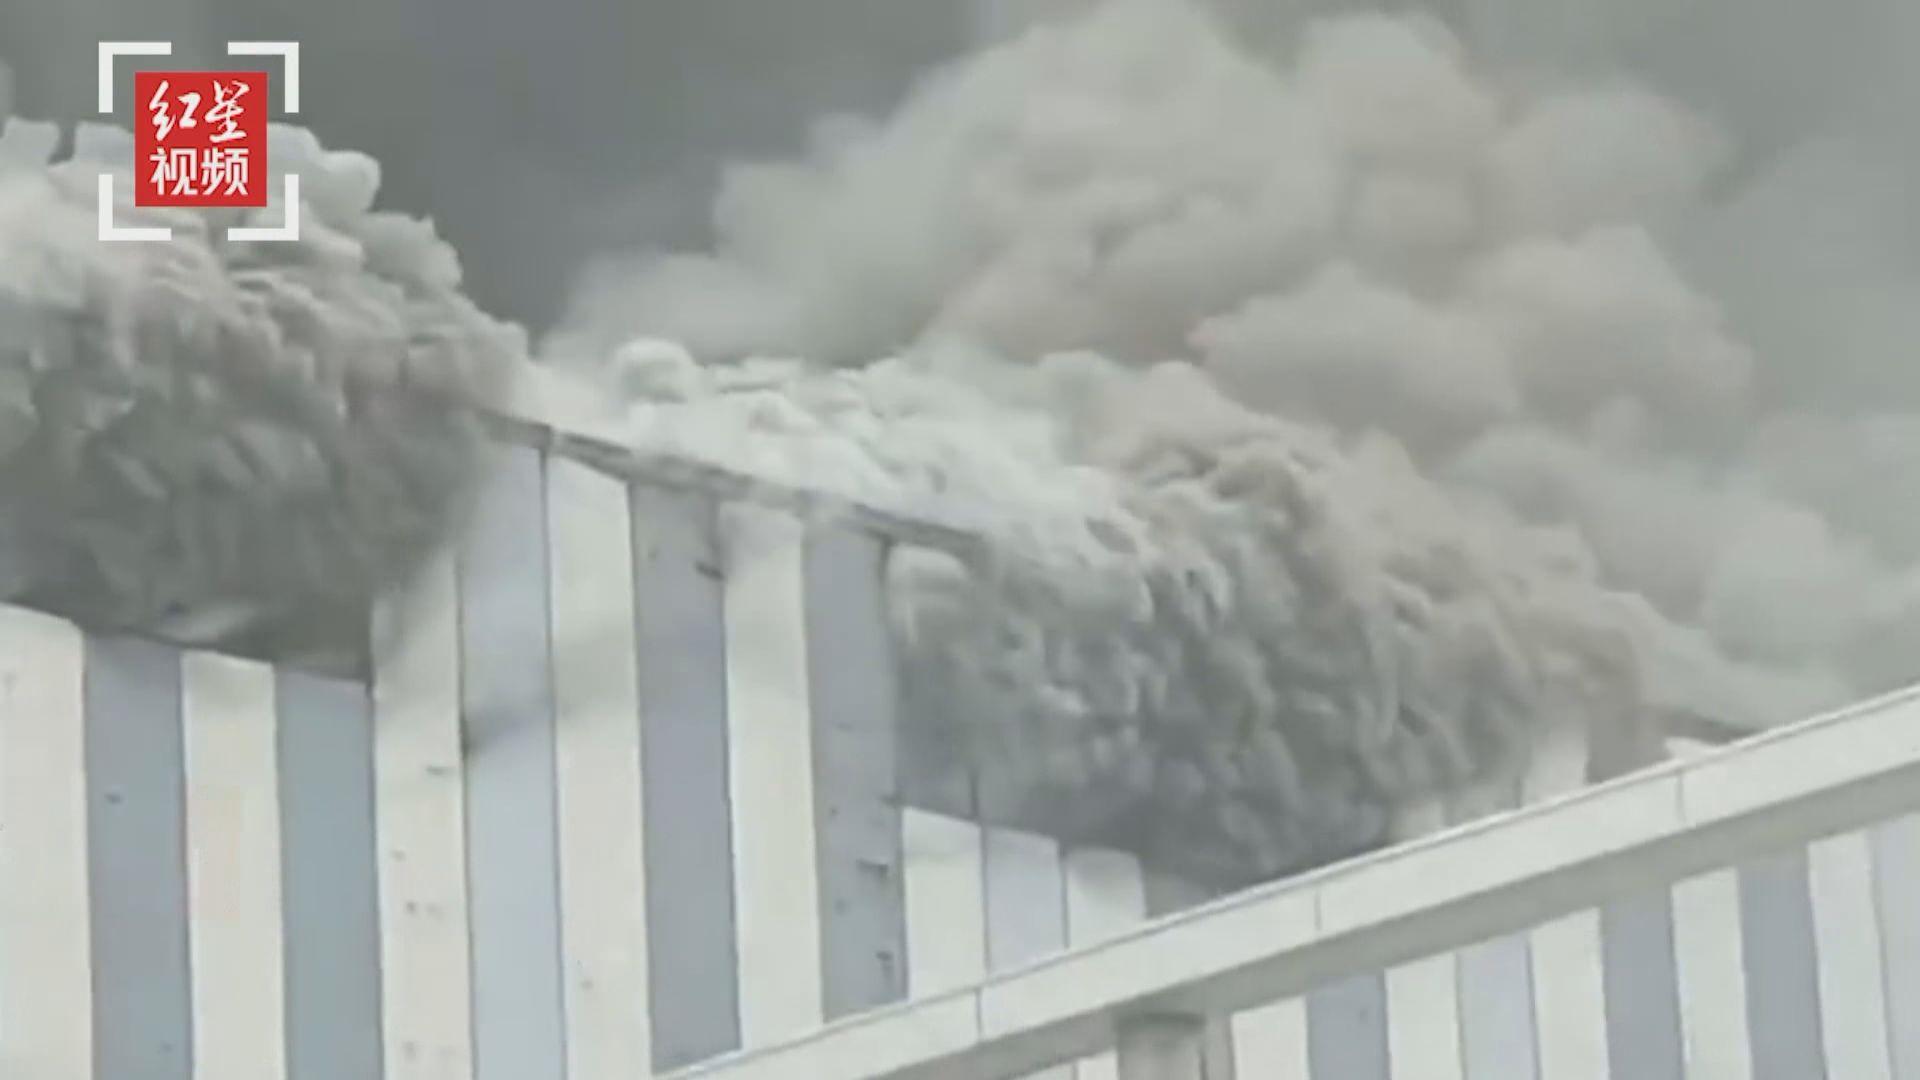 東莞有華為研發實驗室起火 暫未知起火原因